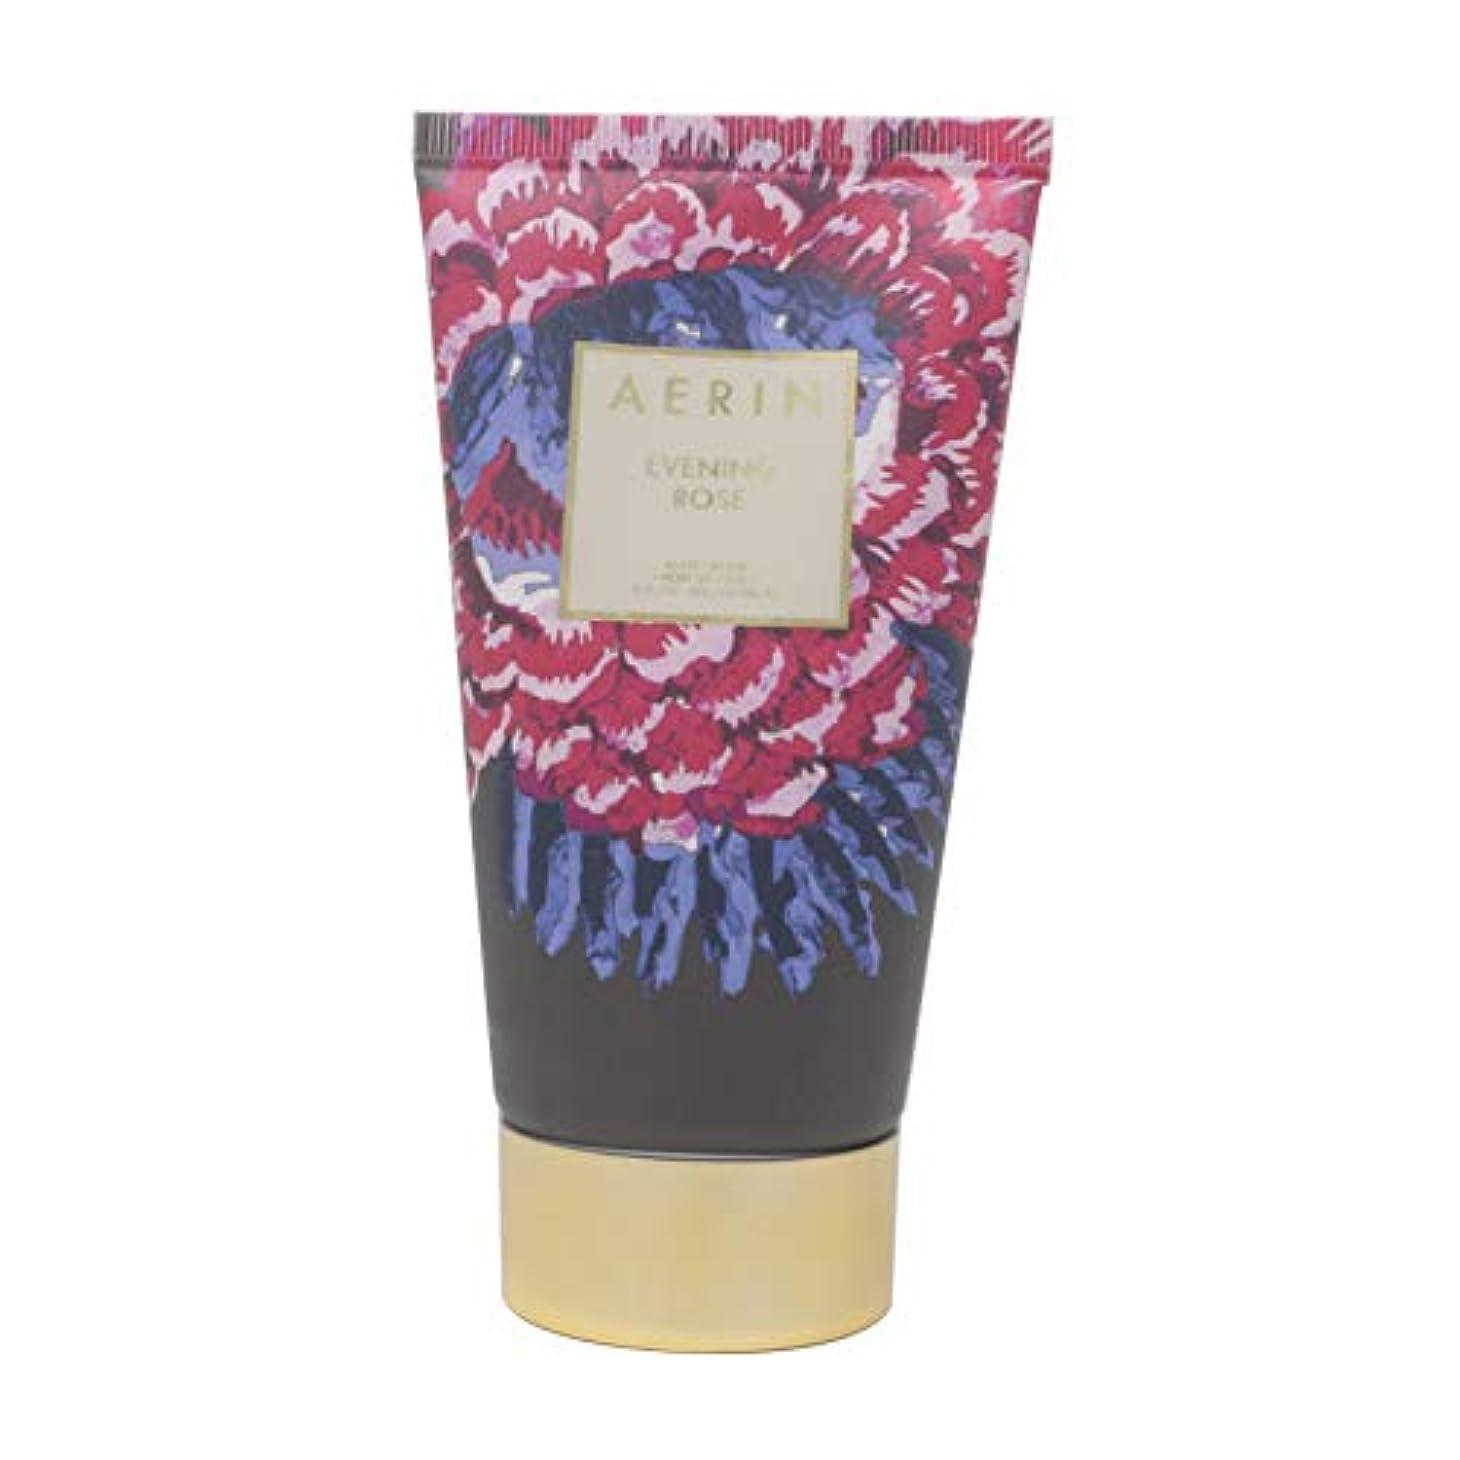 そうでなければホバー意図AERIN 'Evening Rose' (アエリン イブニング ローズ) 5.0 oz (150ml) Body Cream ボディークリーム by Estee Lauder for Women